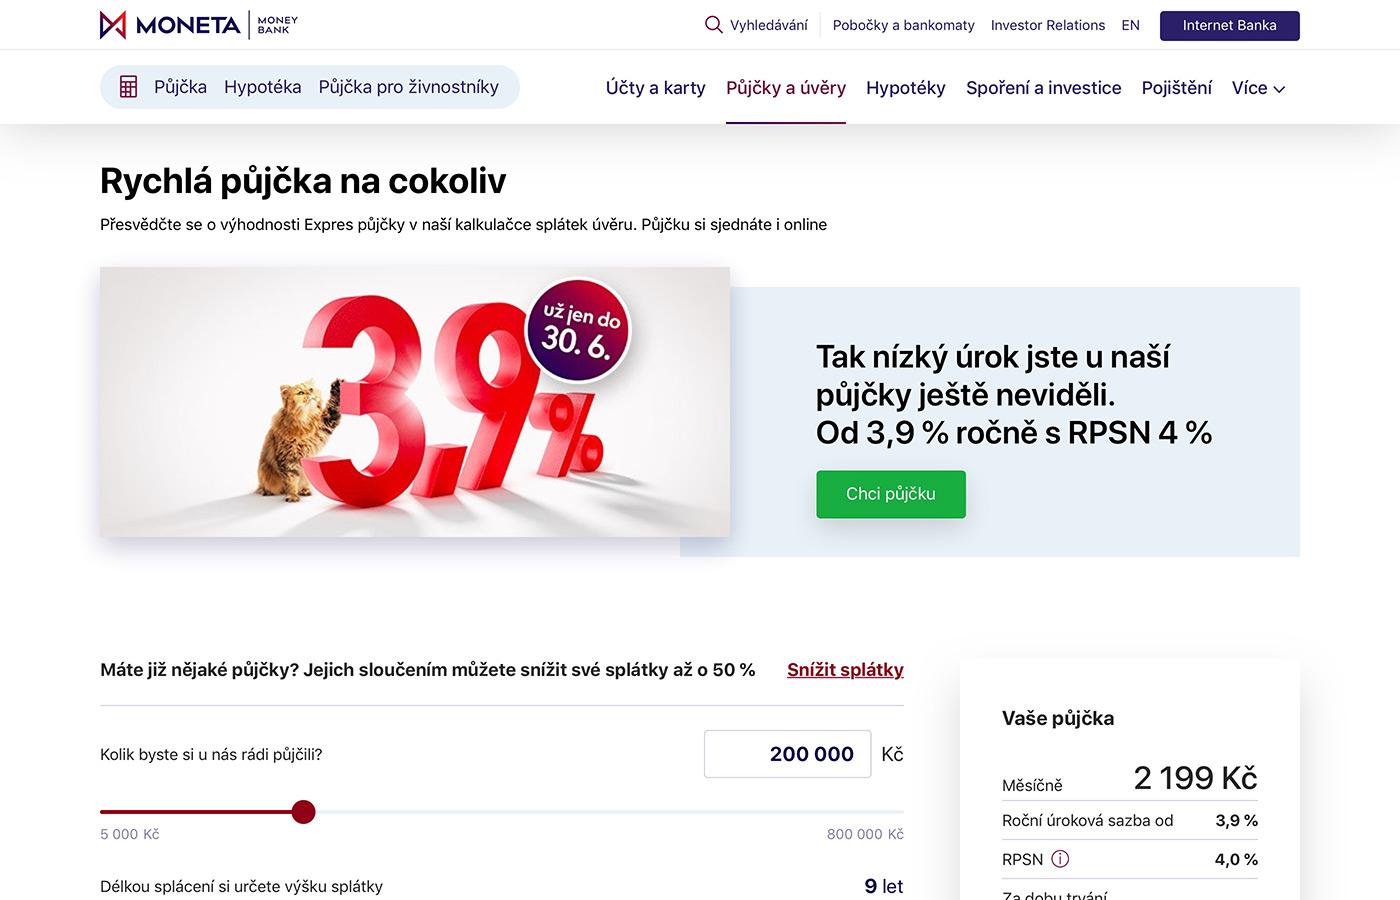 Náhled webových stránek www.moneta.cz/pujcky-a-uvery/pujcka-na-cokoliv